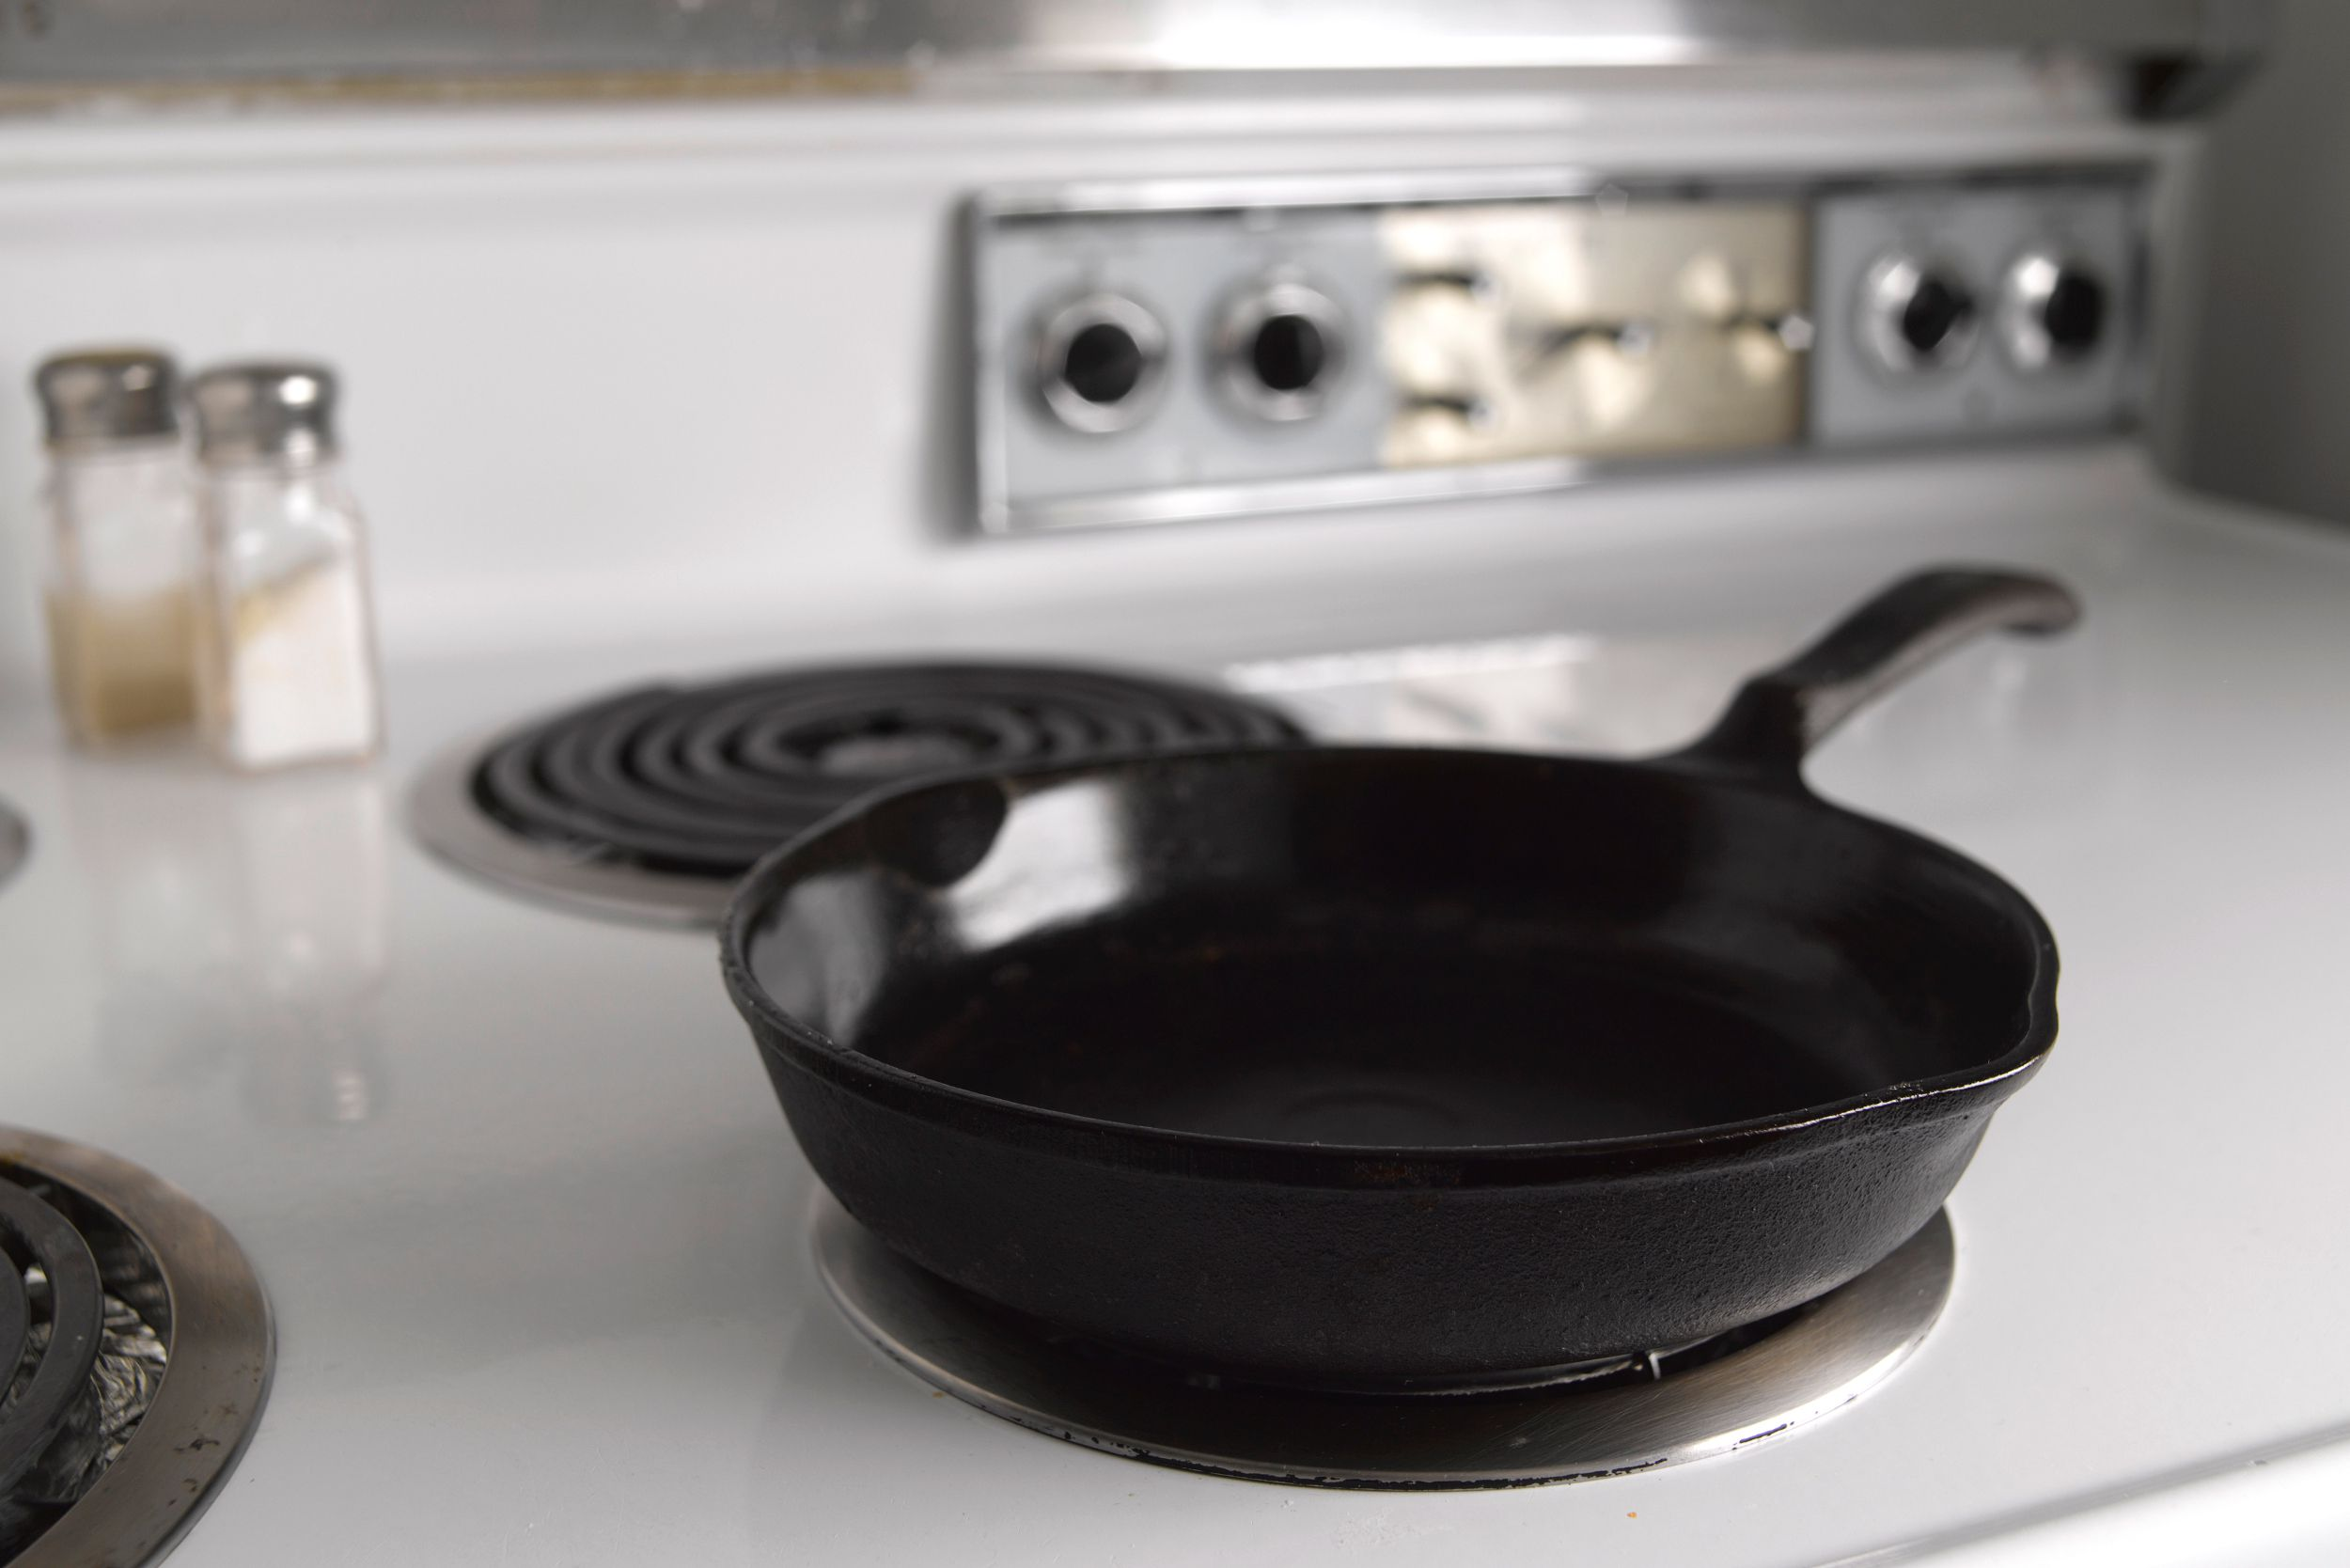 Фото чугунной сковороды на плите